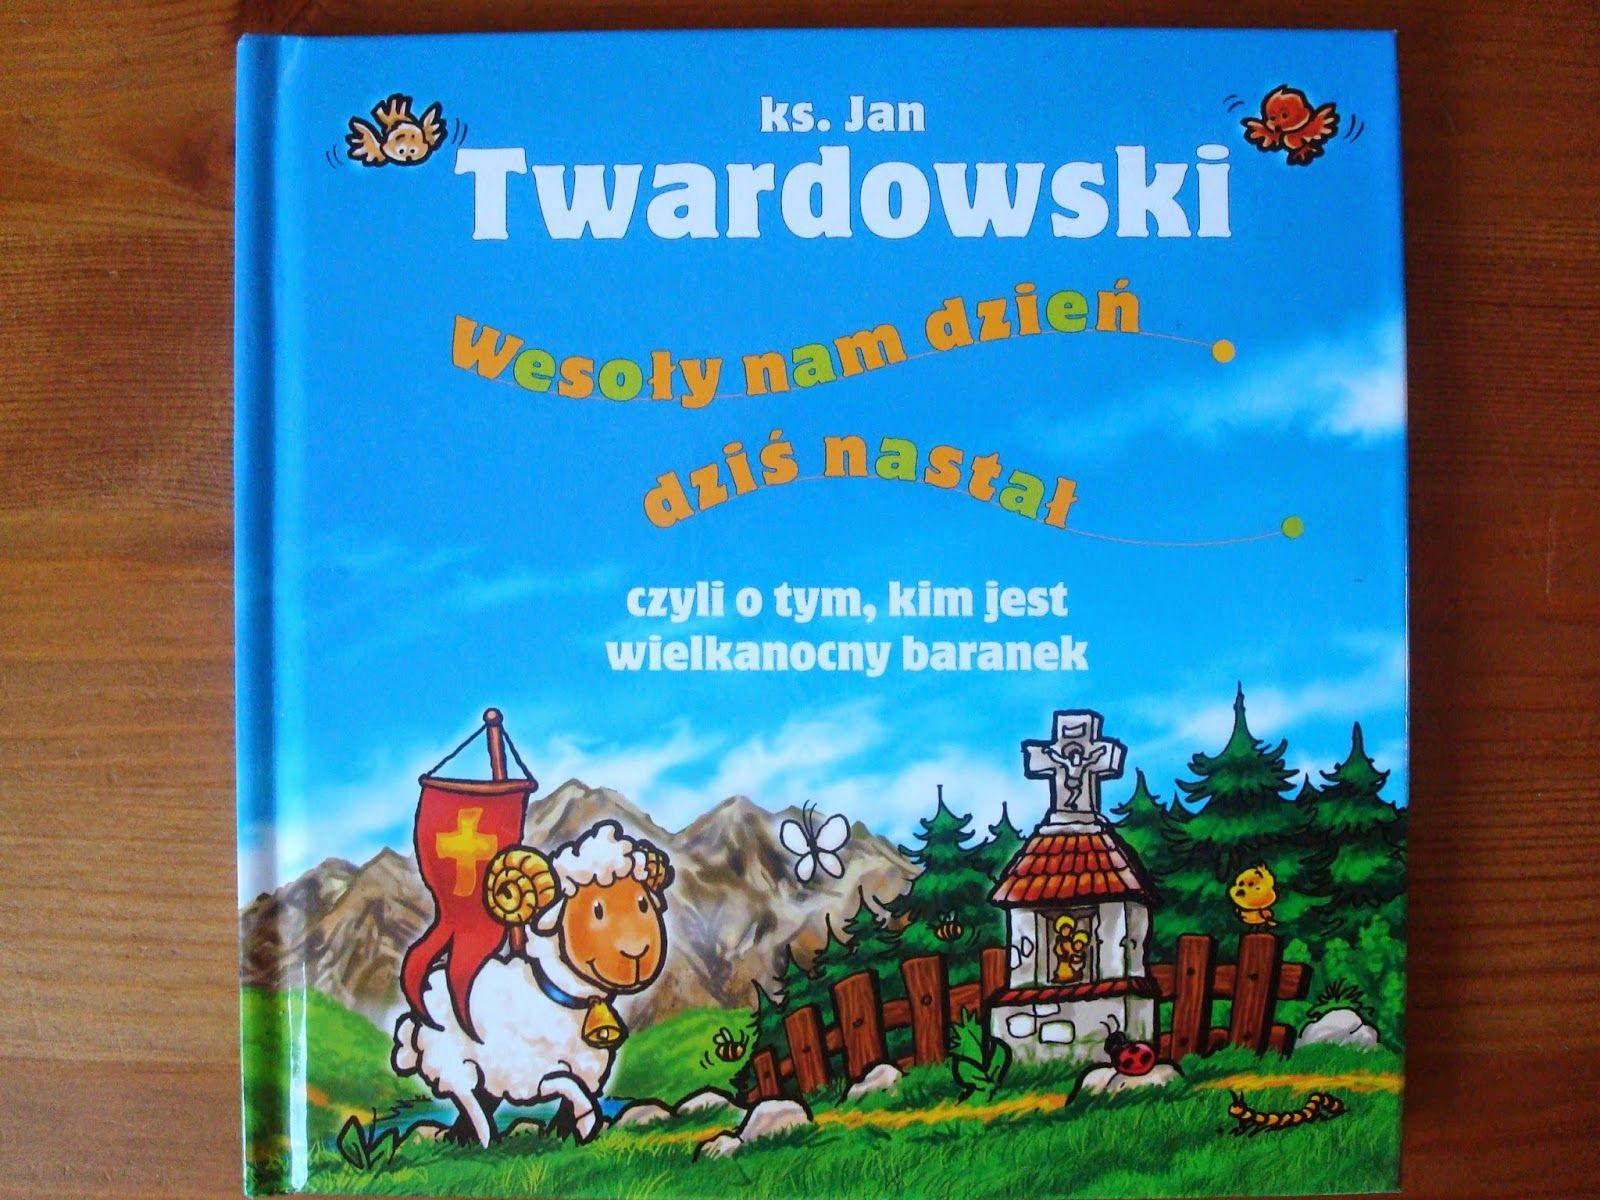 Nasze Rodzicielstwo Bliskosci Ksiazki Na Wielki Post Books Book Cover Cover